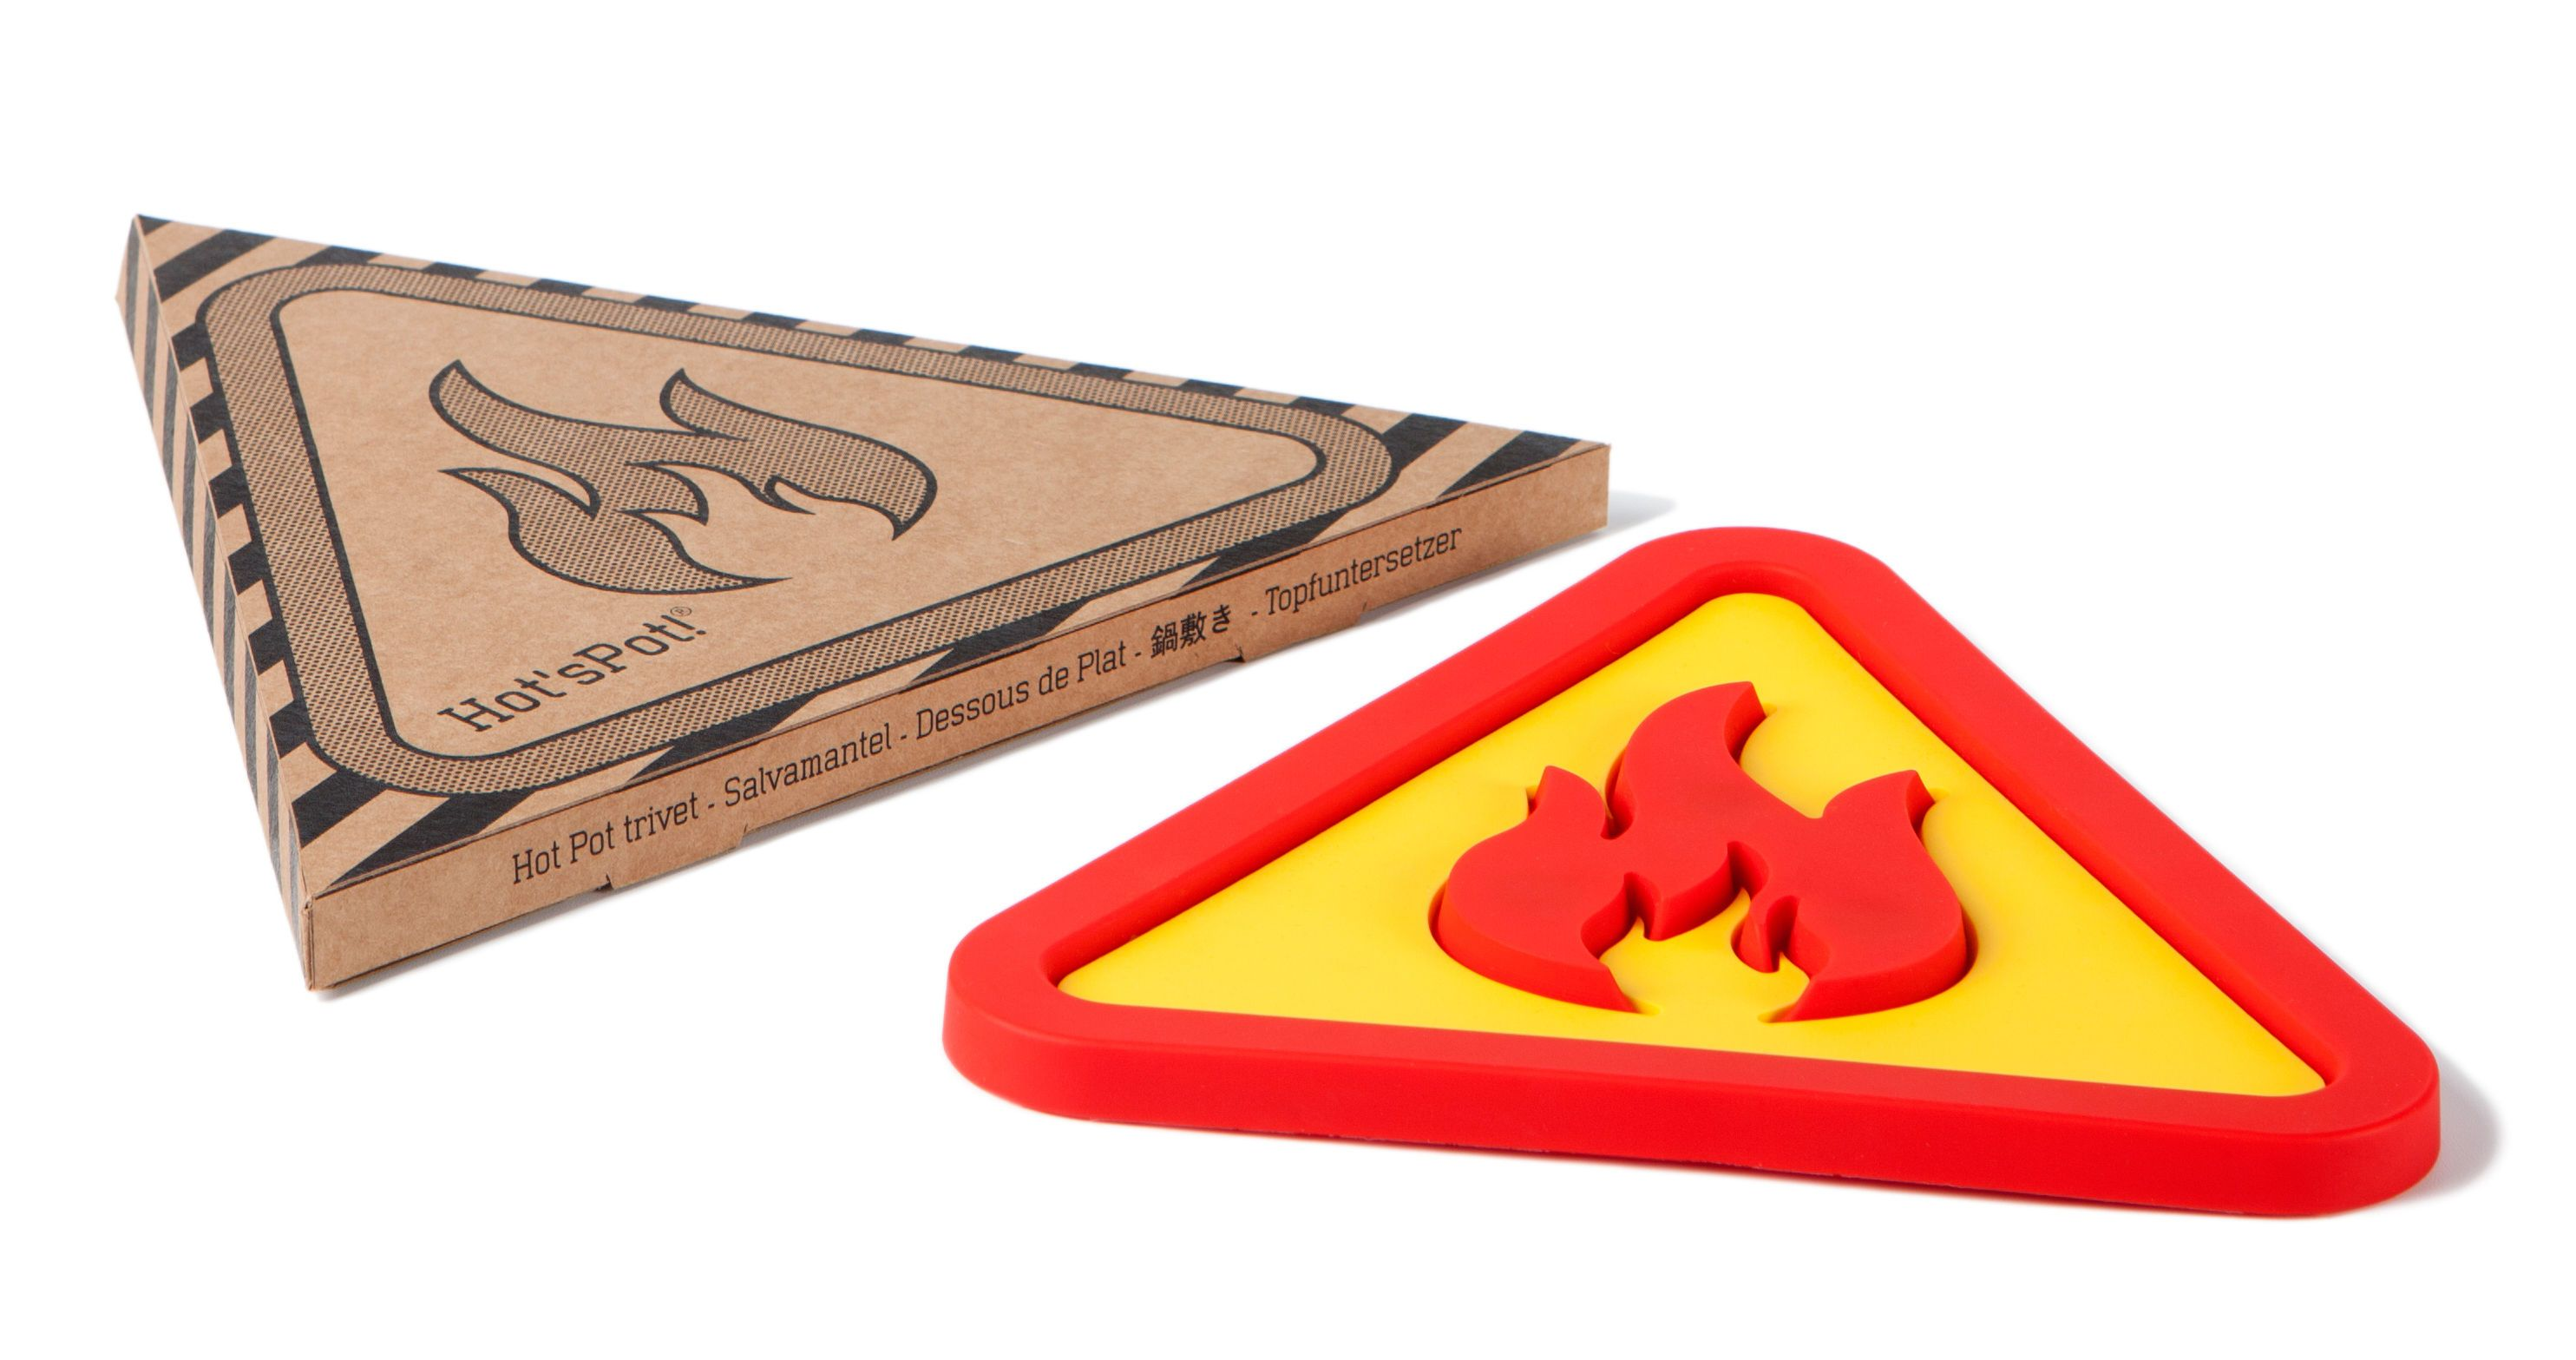 Dessous de plat Hot\'s pot / Magnétique - Pa Design - Déclinaison ...